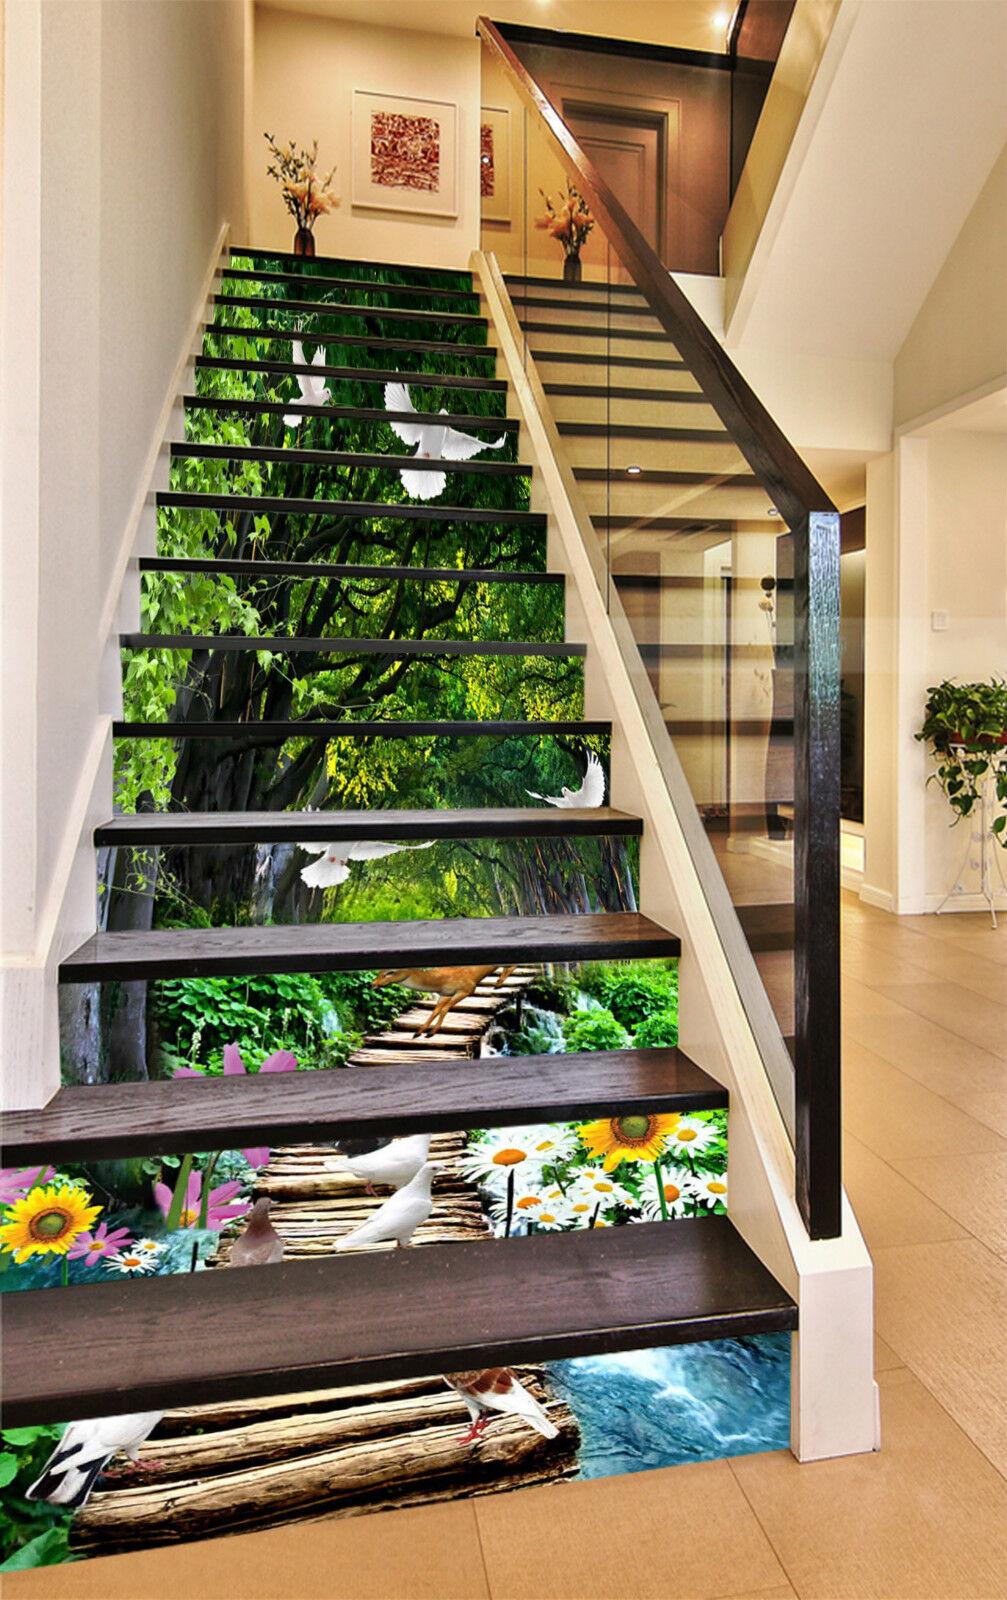 3D Wald Spur 478 Stair Risers Dekoration Fototapete Vinyl Aufkleber Tapete DE